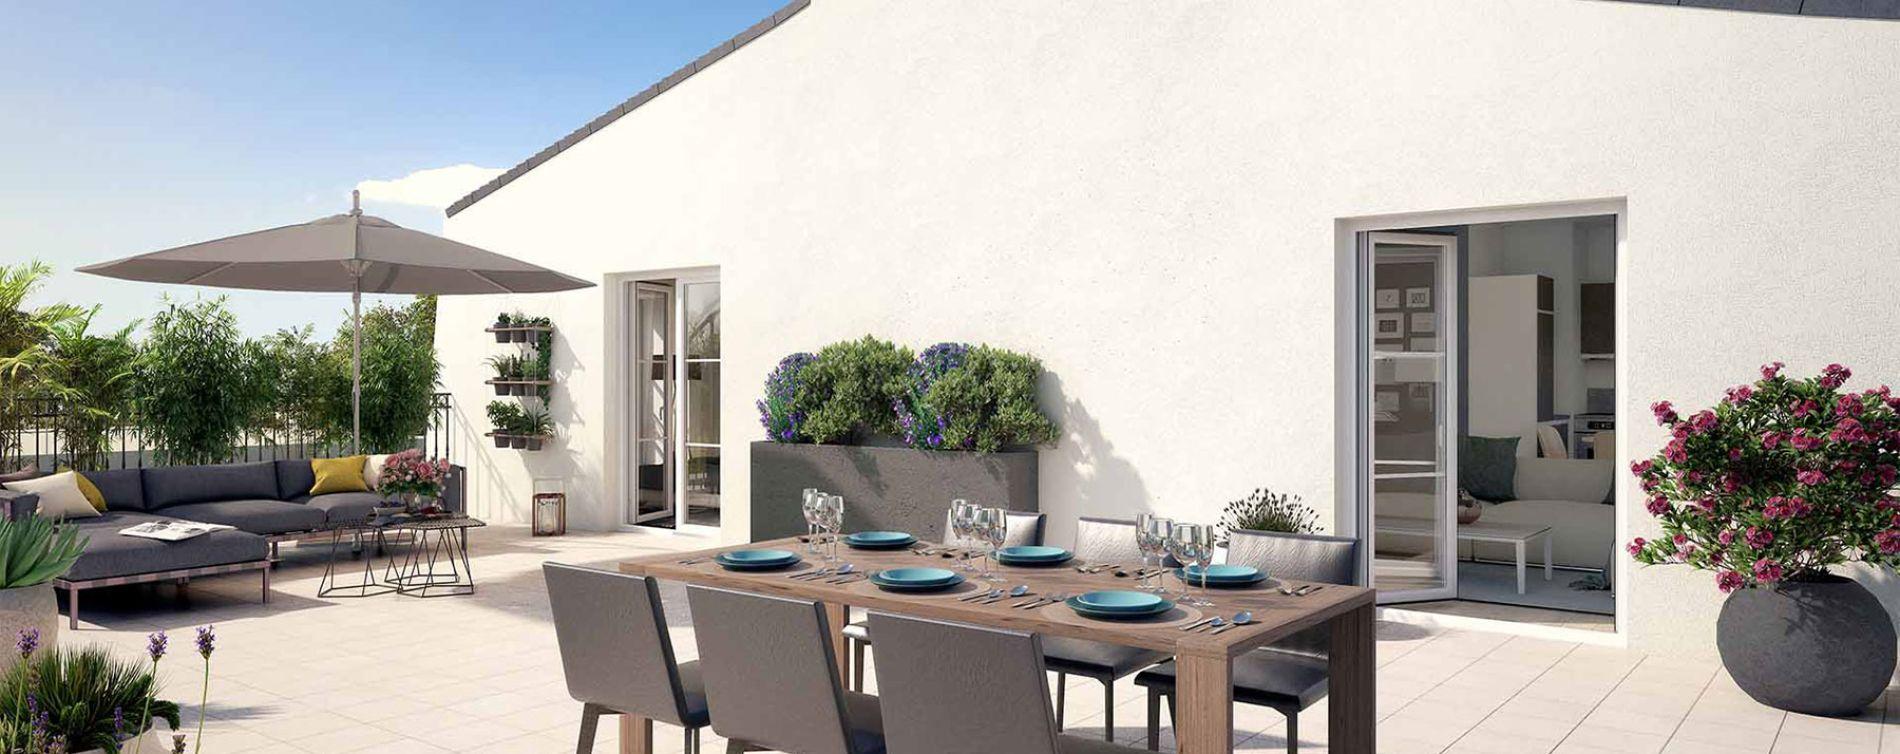 Le Blanc-Mesnil : programme immobilier neuve « Villa Beau Site » (2)